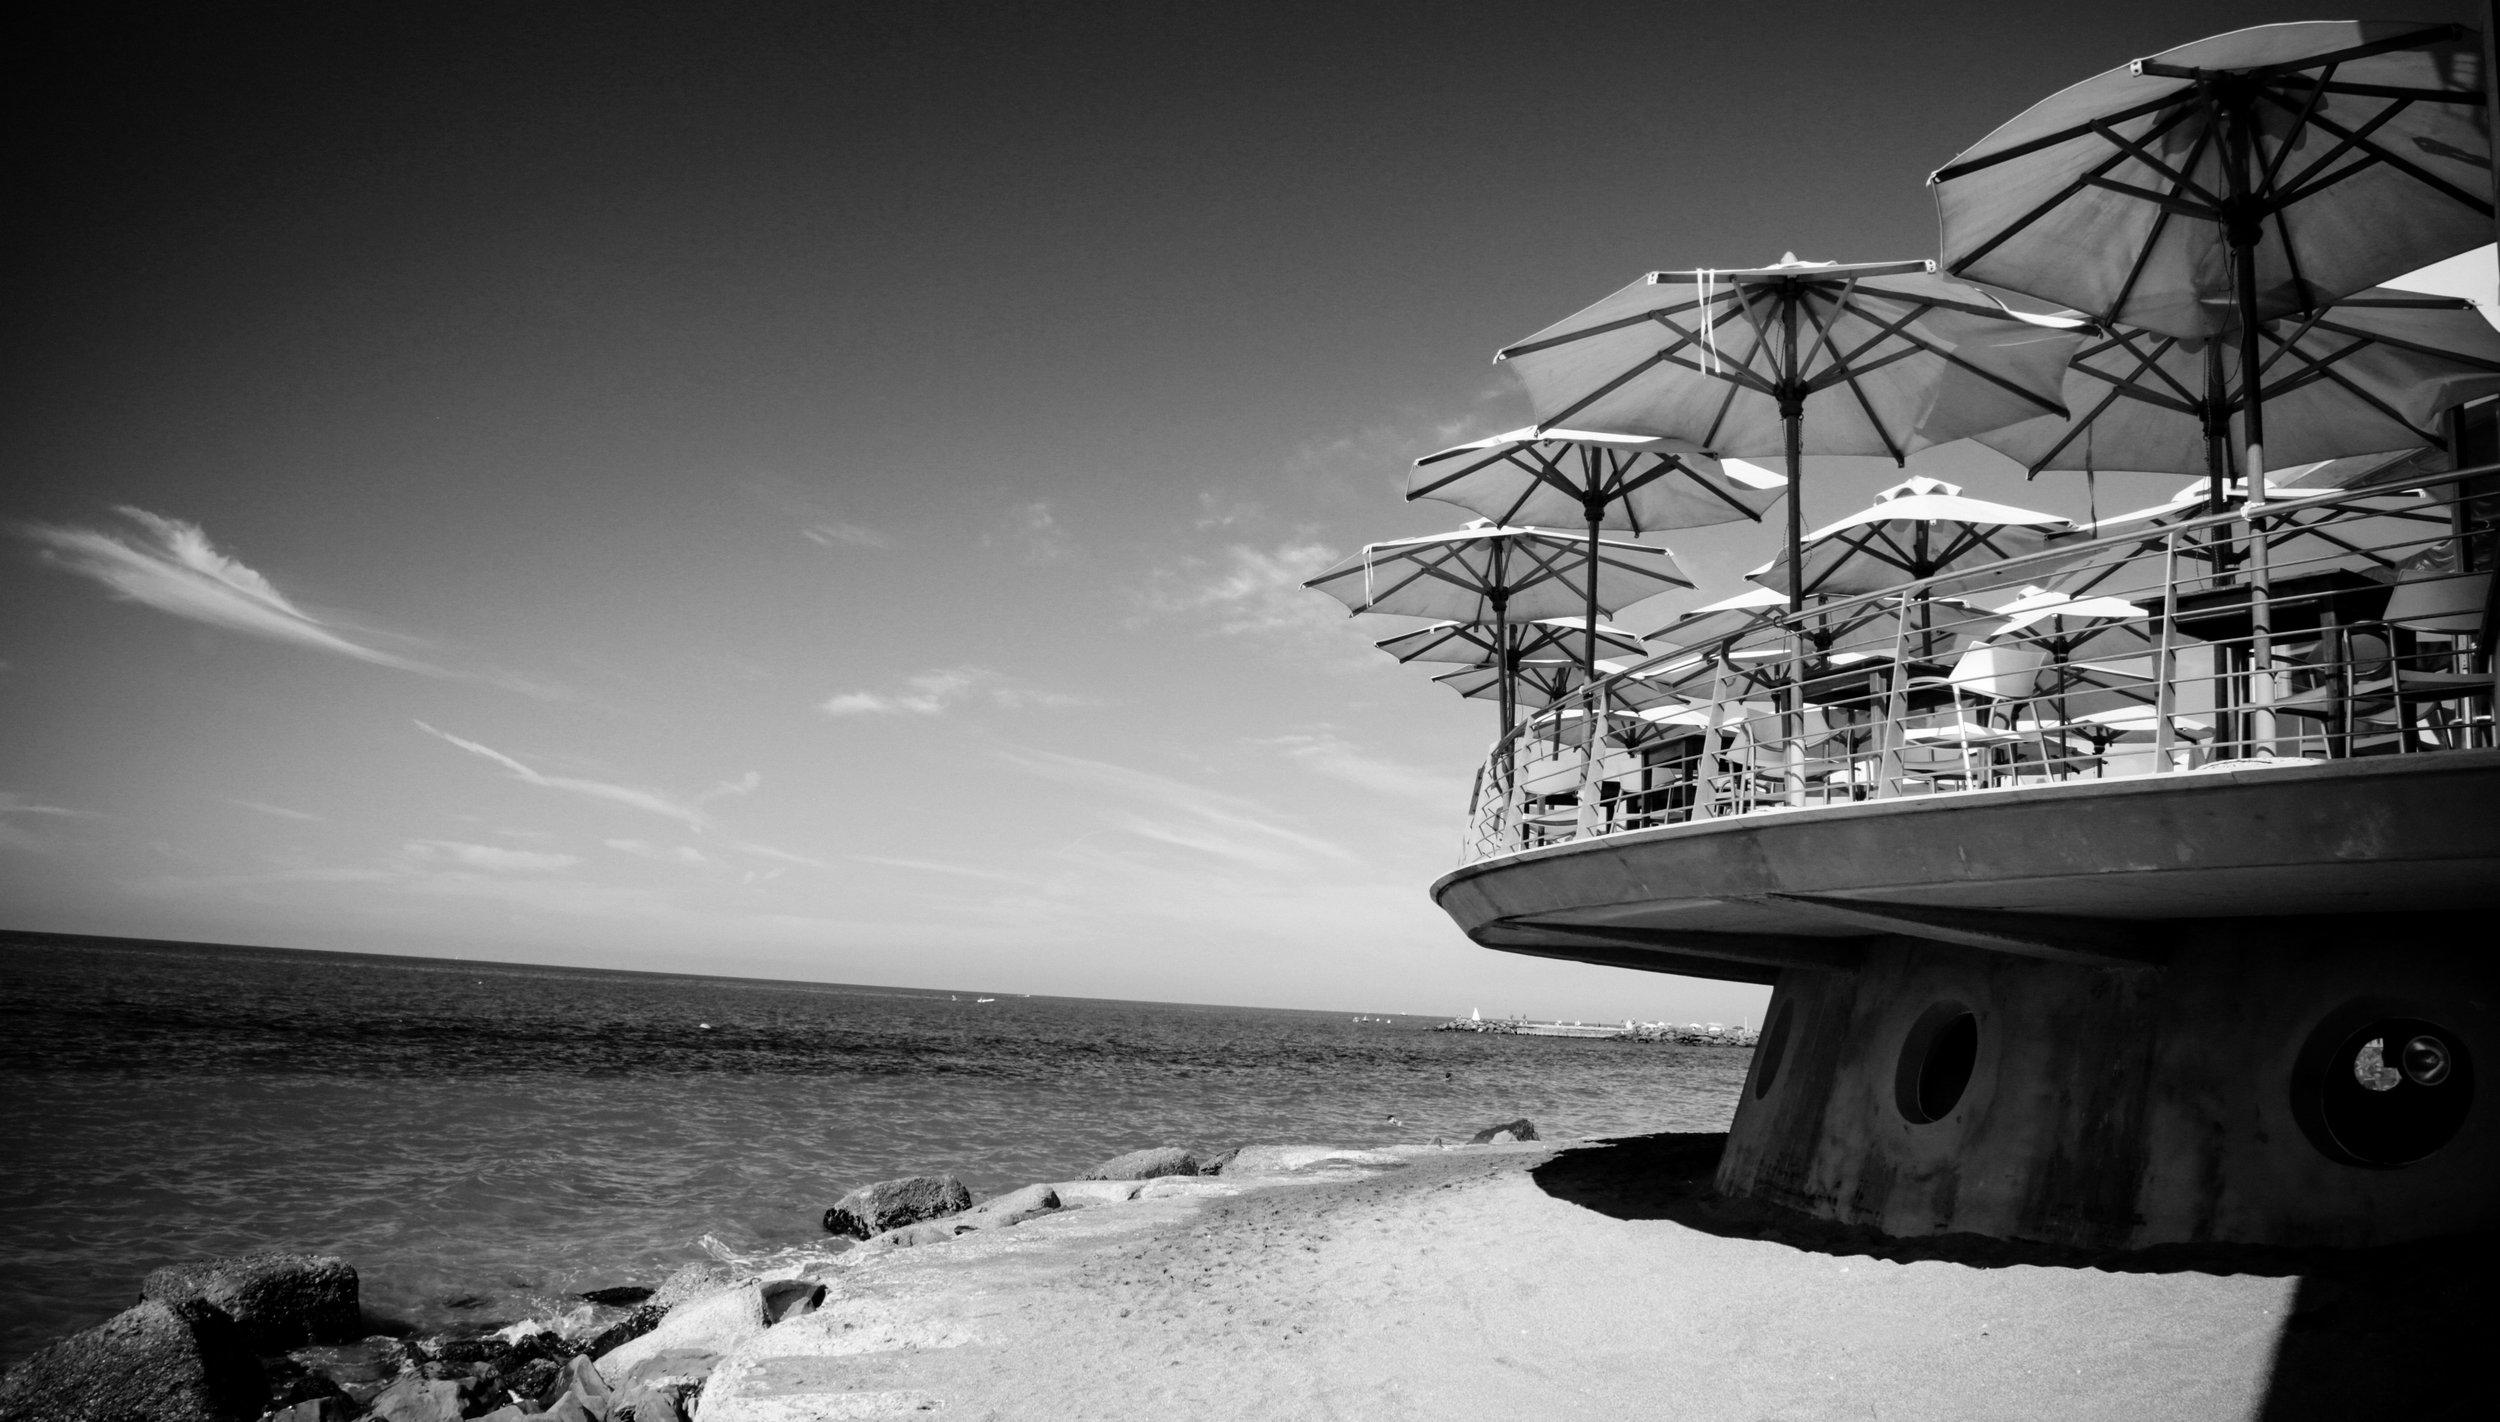 Vecchiapineta-spiaggia2-5.jpg